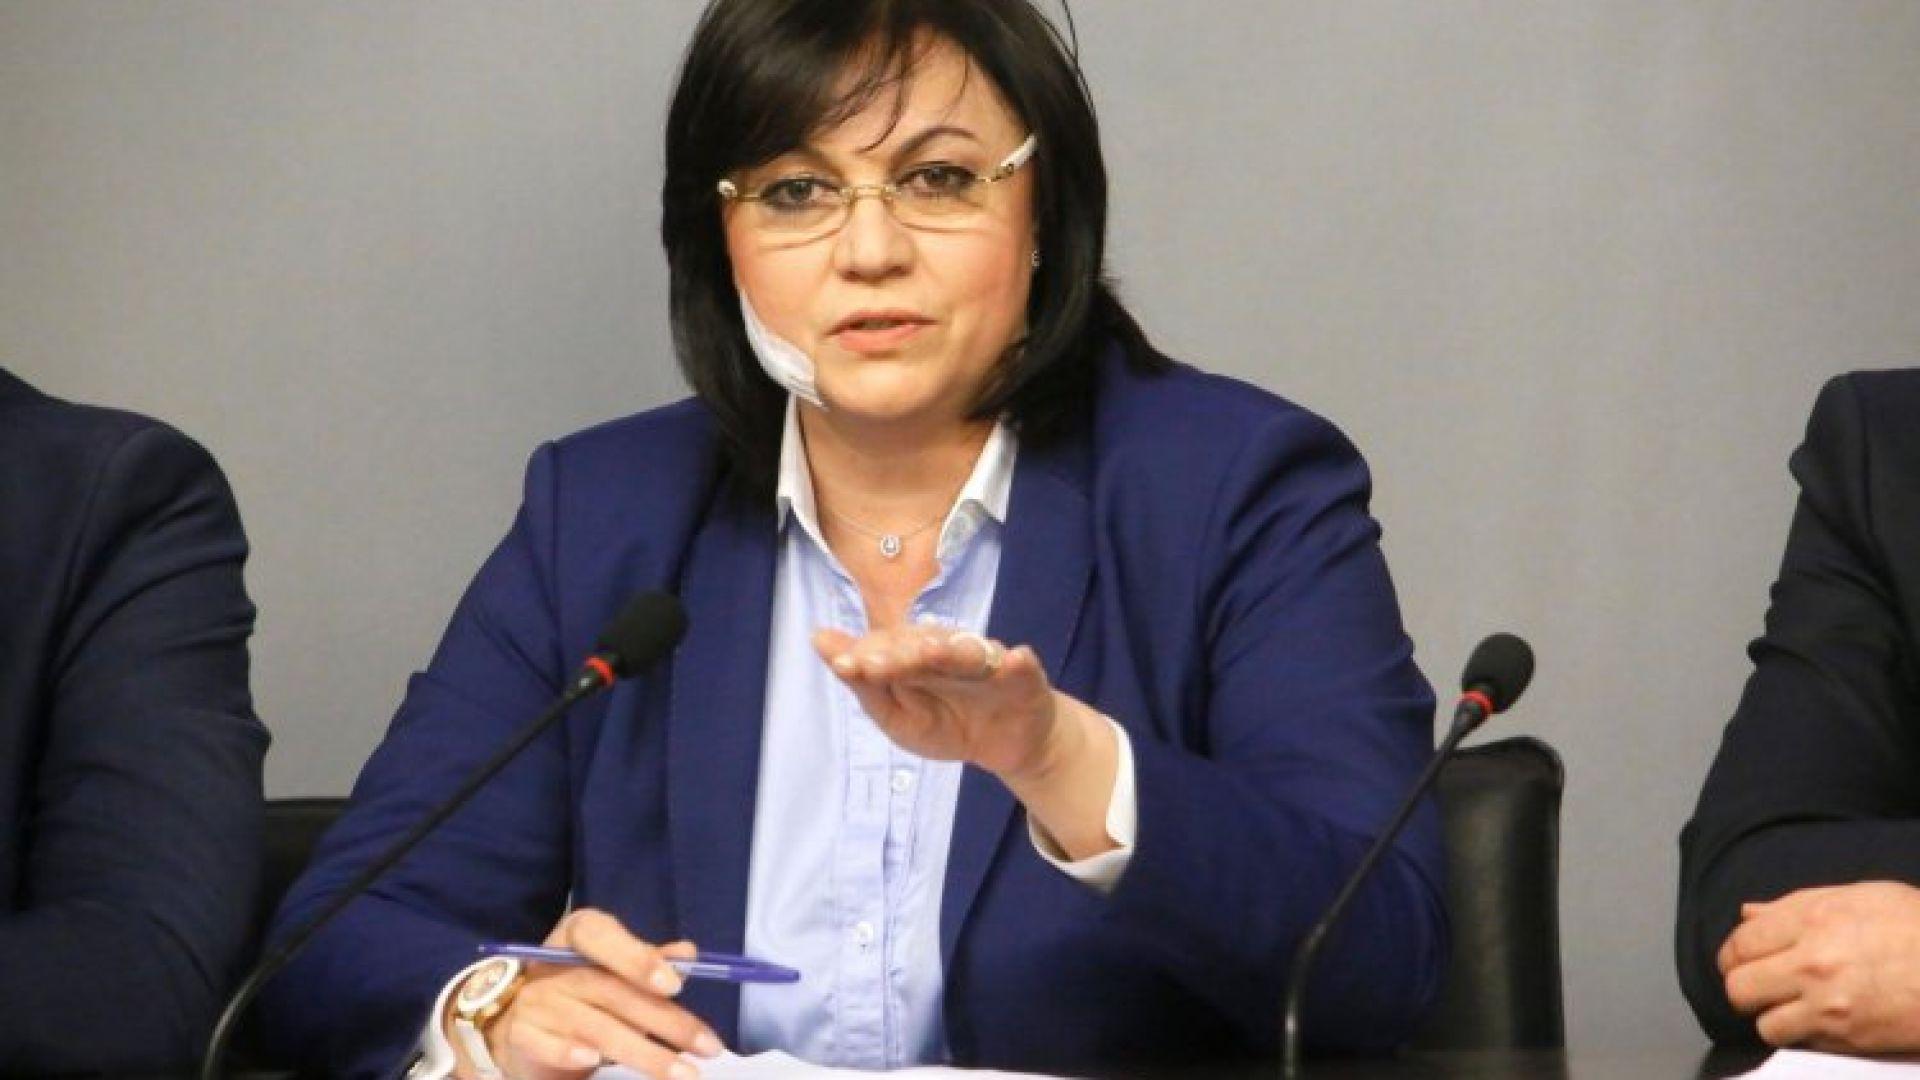 БСП поиска главният прокурор да започне разследване има ли намеса